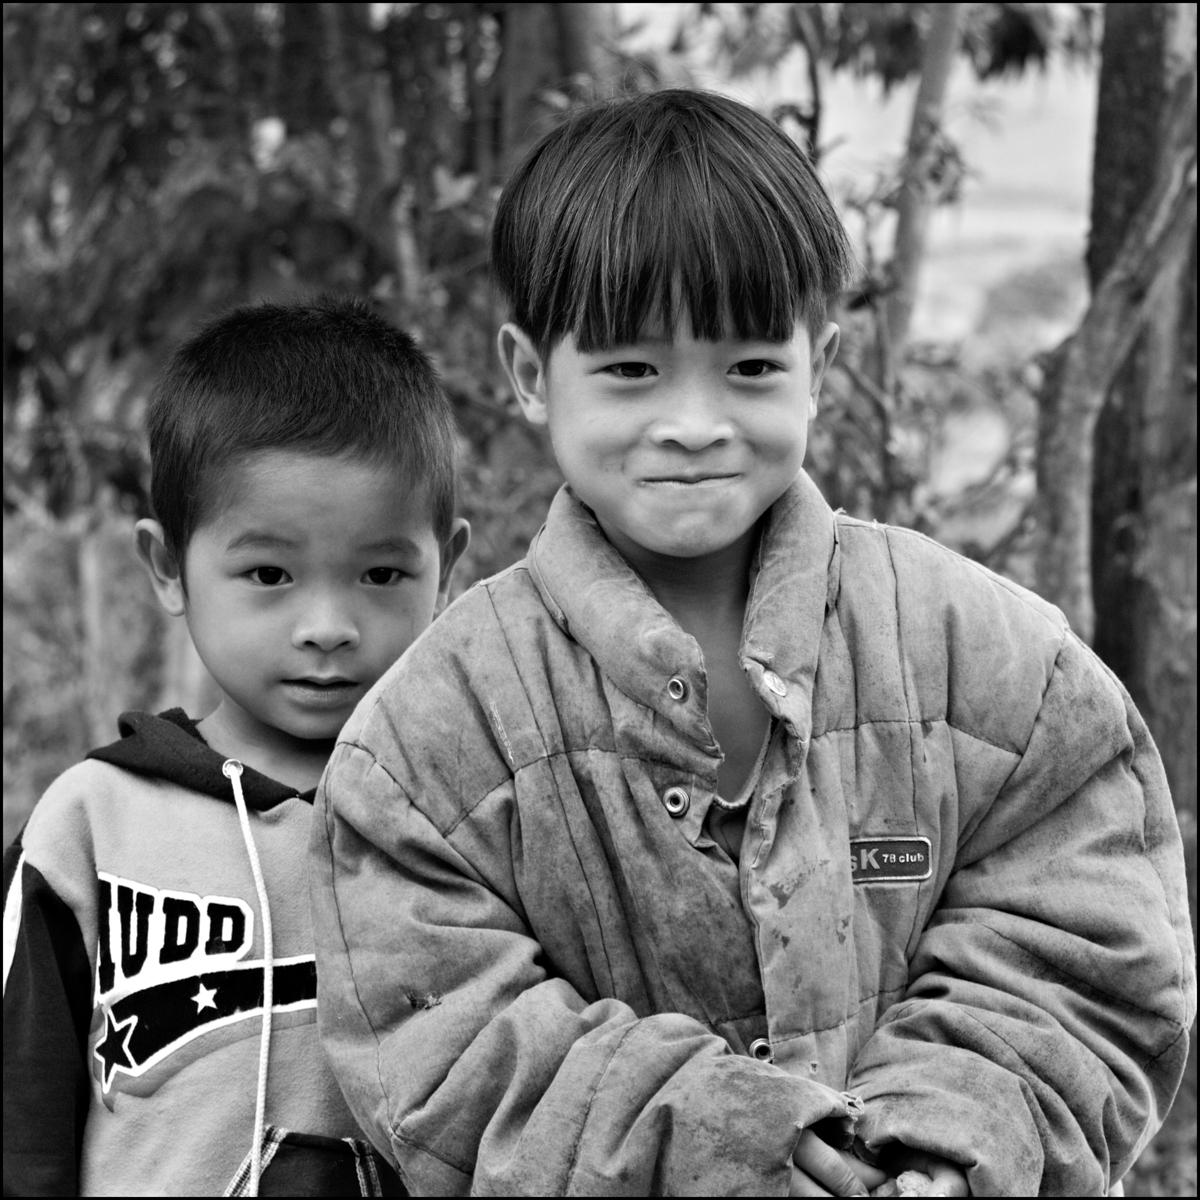 Vietnam Brothers(B&W)10.5x10.5(EVFA)